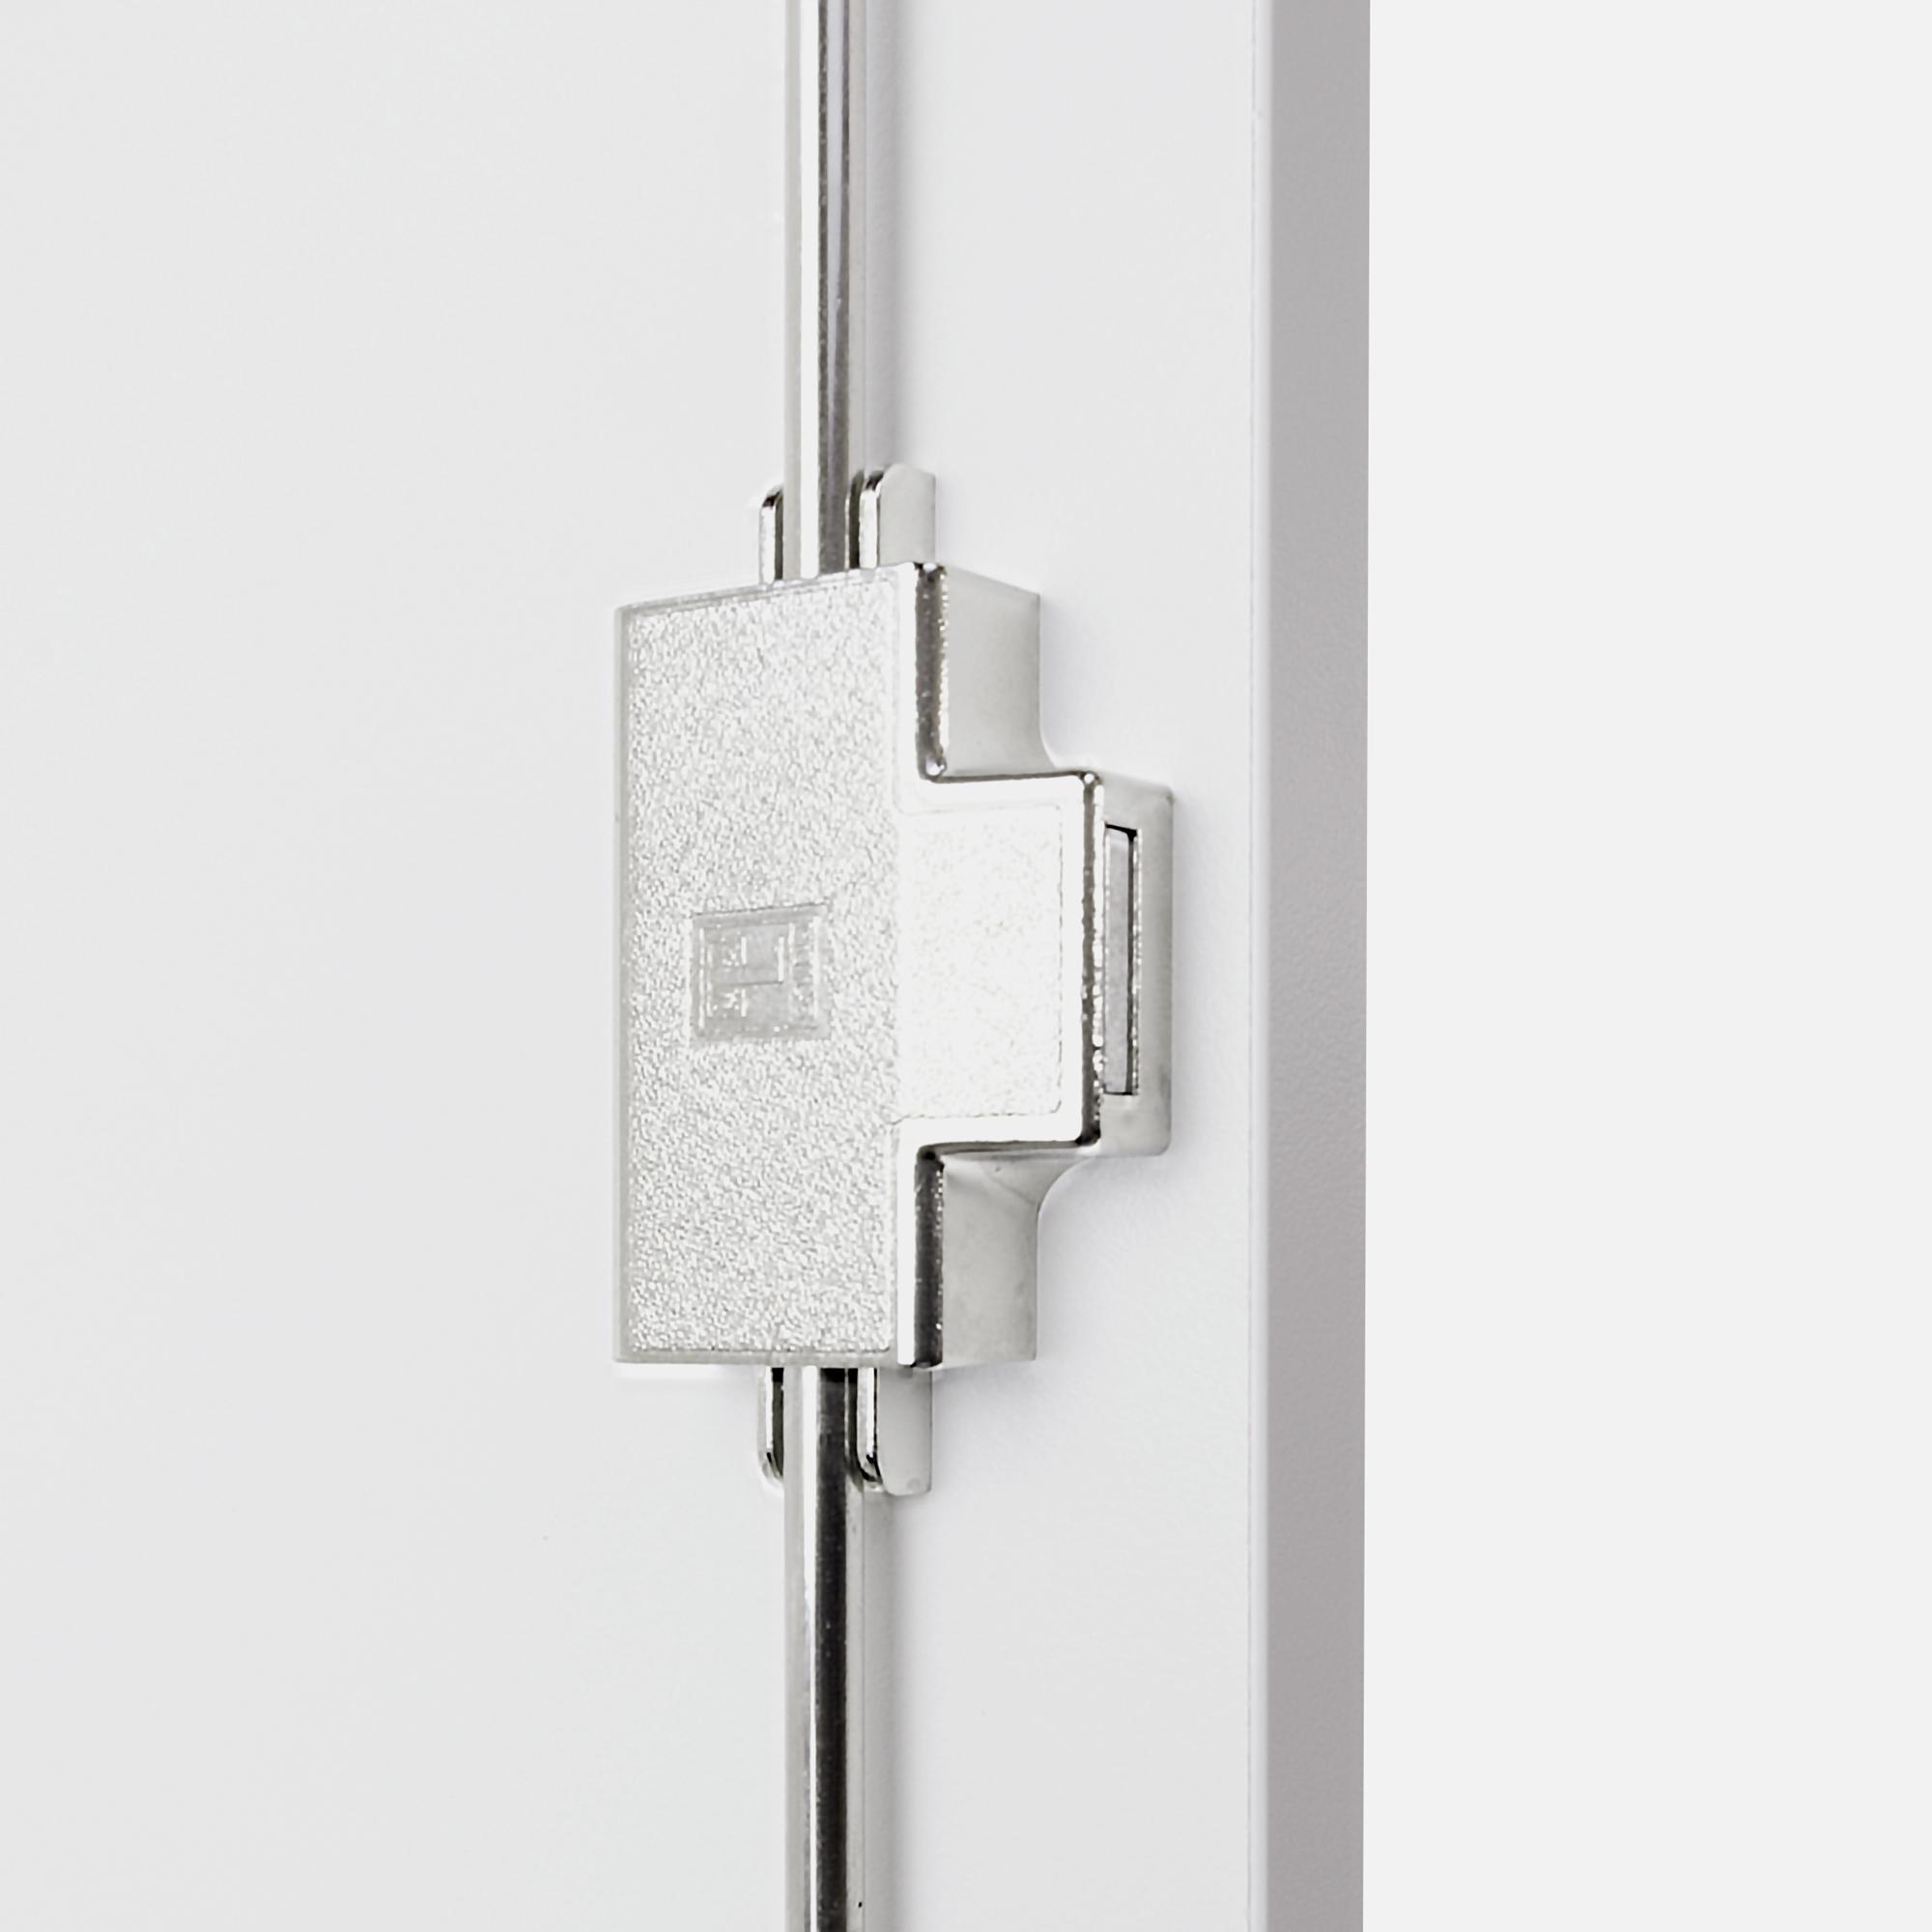 PROFI Schrankwand abschließbar Schrank Büroschrank Flügeltürenschrank Regalschrank 5 OH Weiß